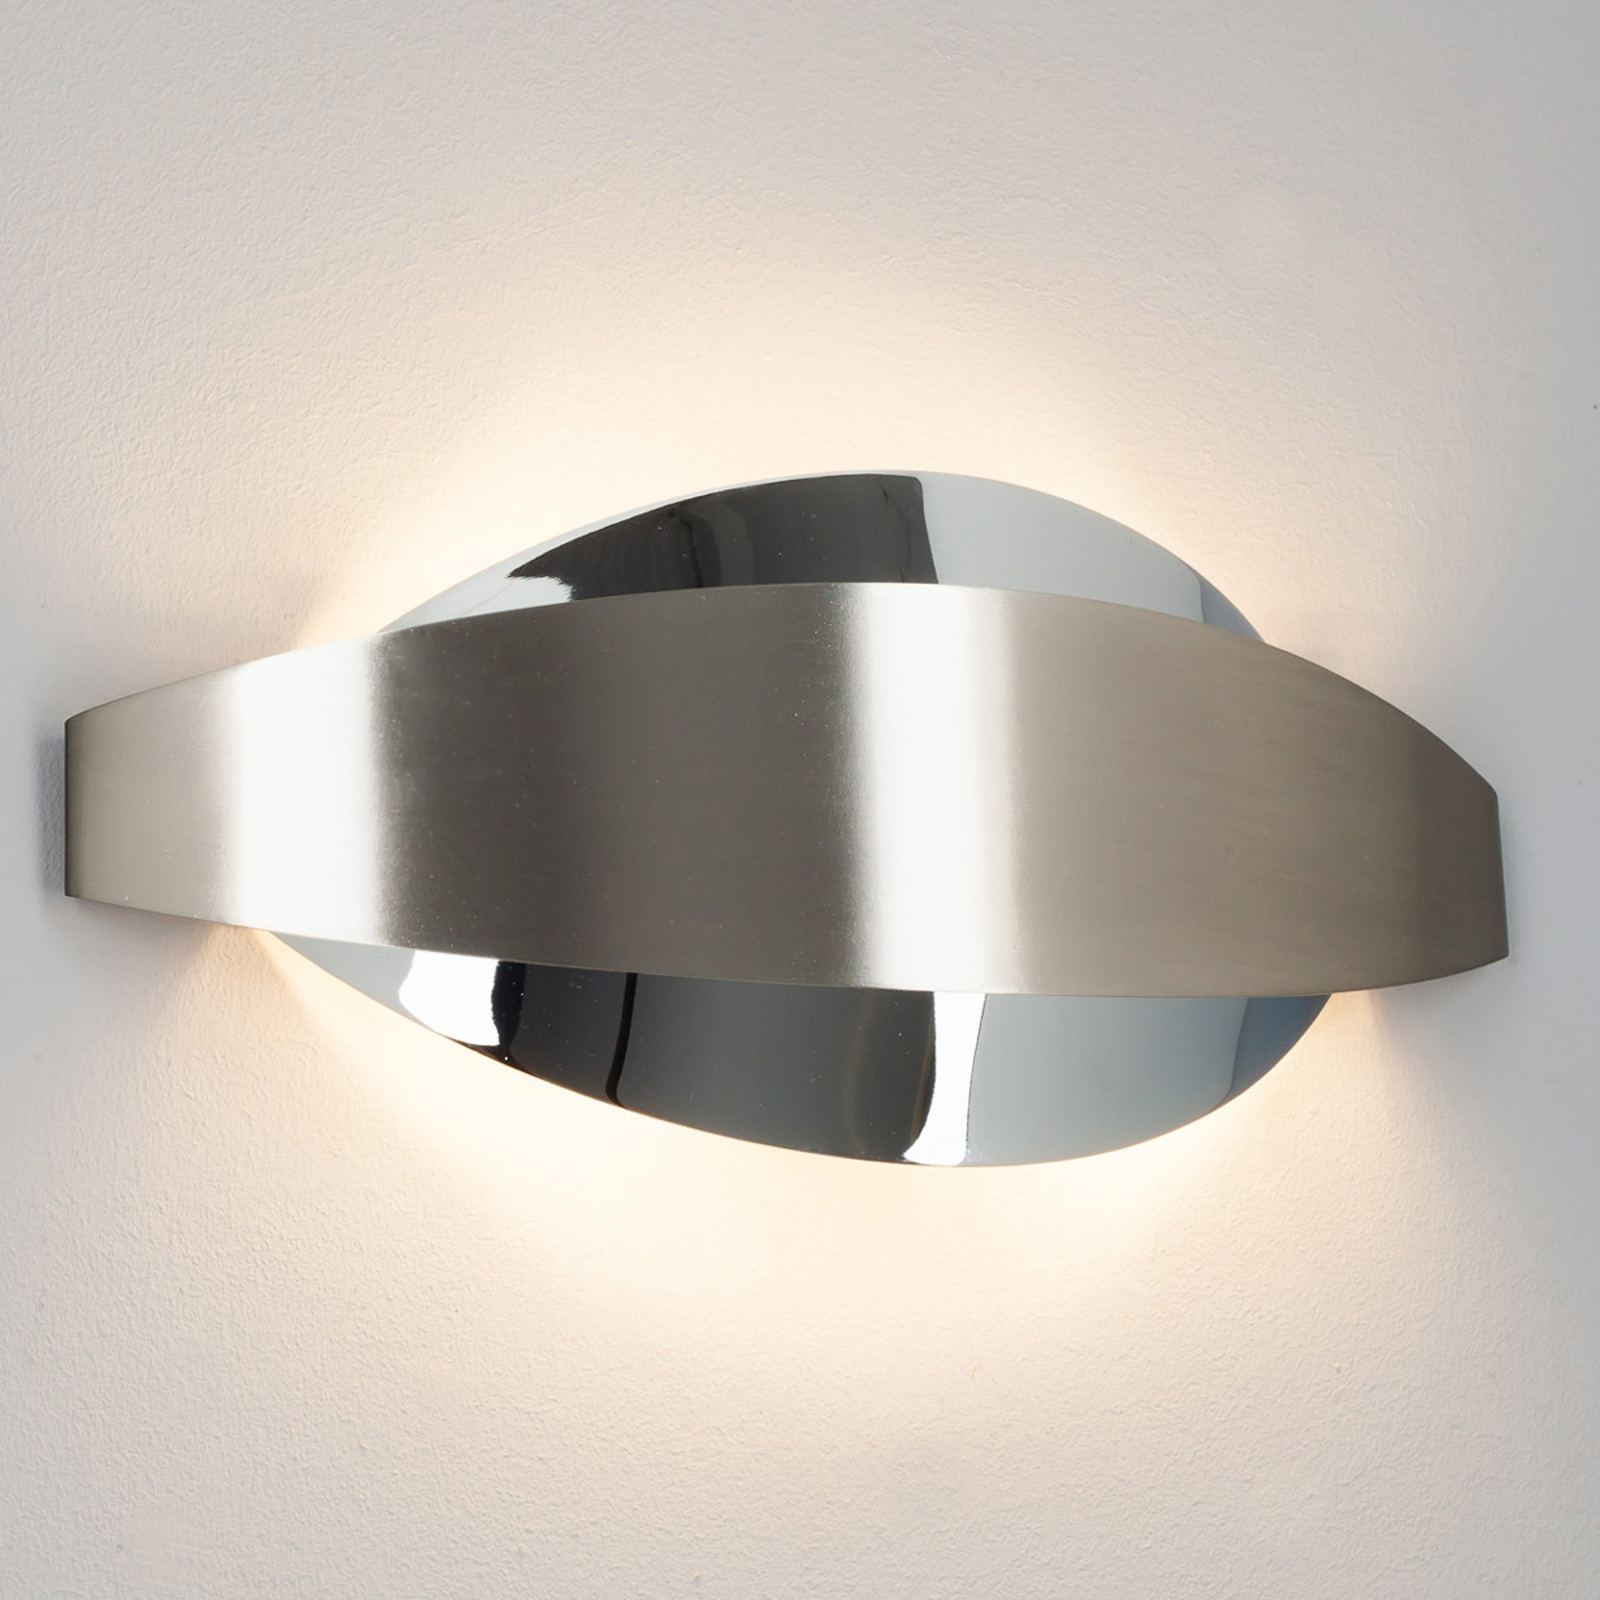 Ekstravagant vegglampe Lonna av metall med G9 LED